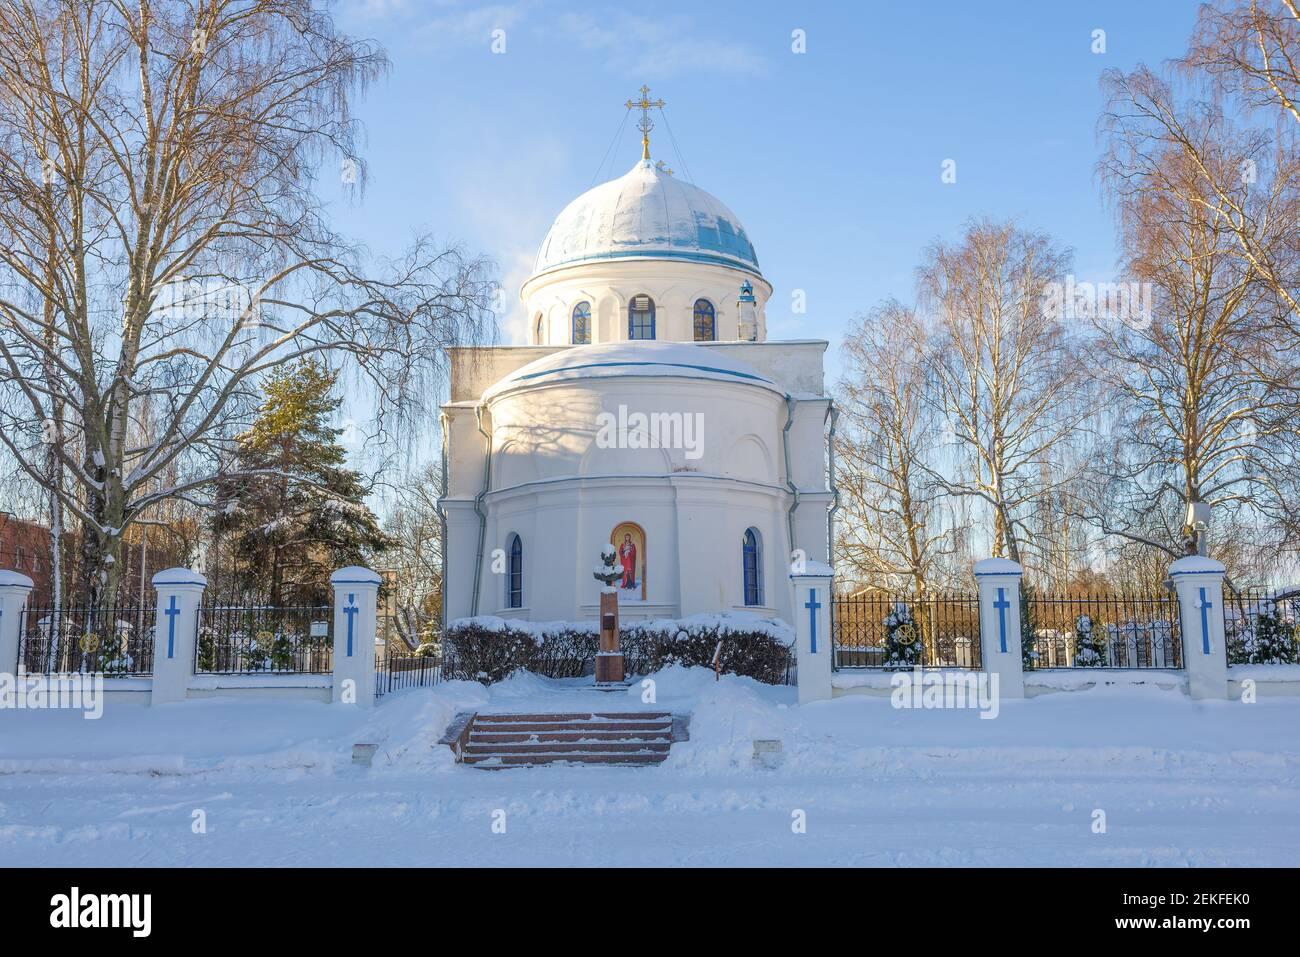 Cathédrale de la Nativité de la Sainte Vierge Marie, le jour ensoleillé de février. Priozersk, Russie Banque D'Images